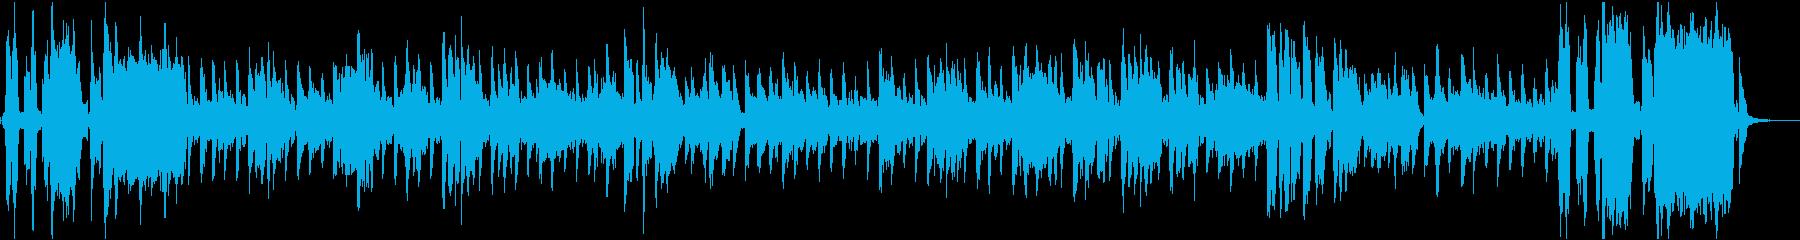 ネバネバの食品をテーマにした楽曲の再生済みの波形